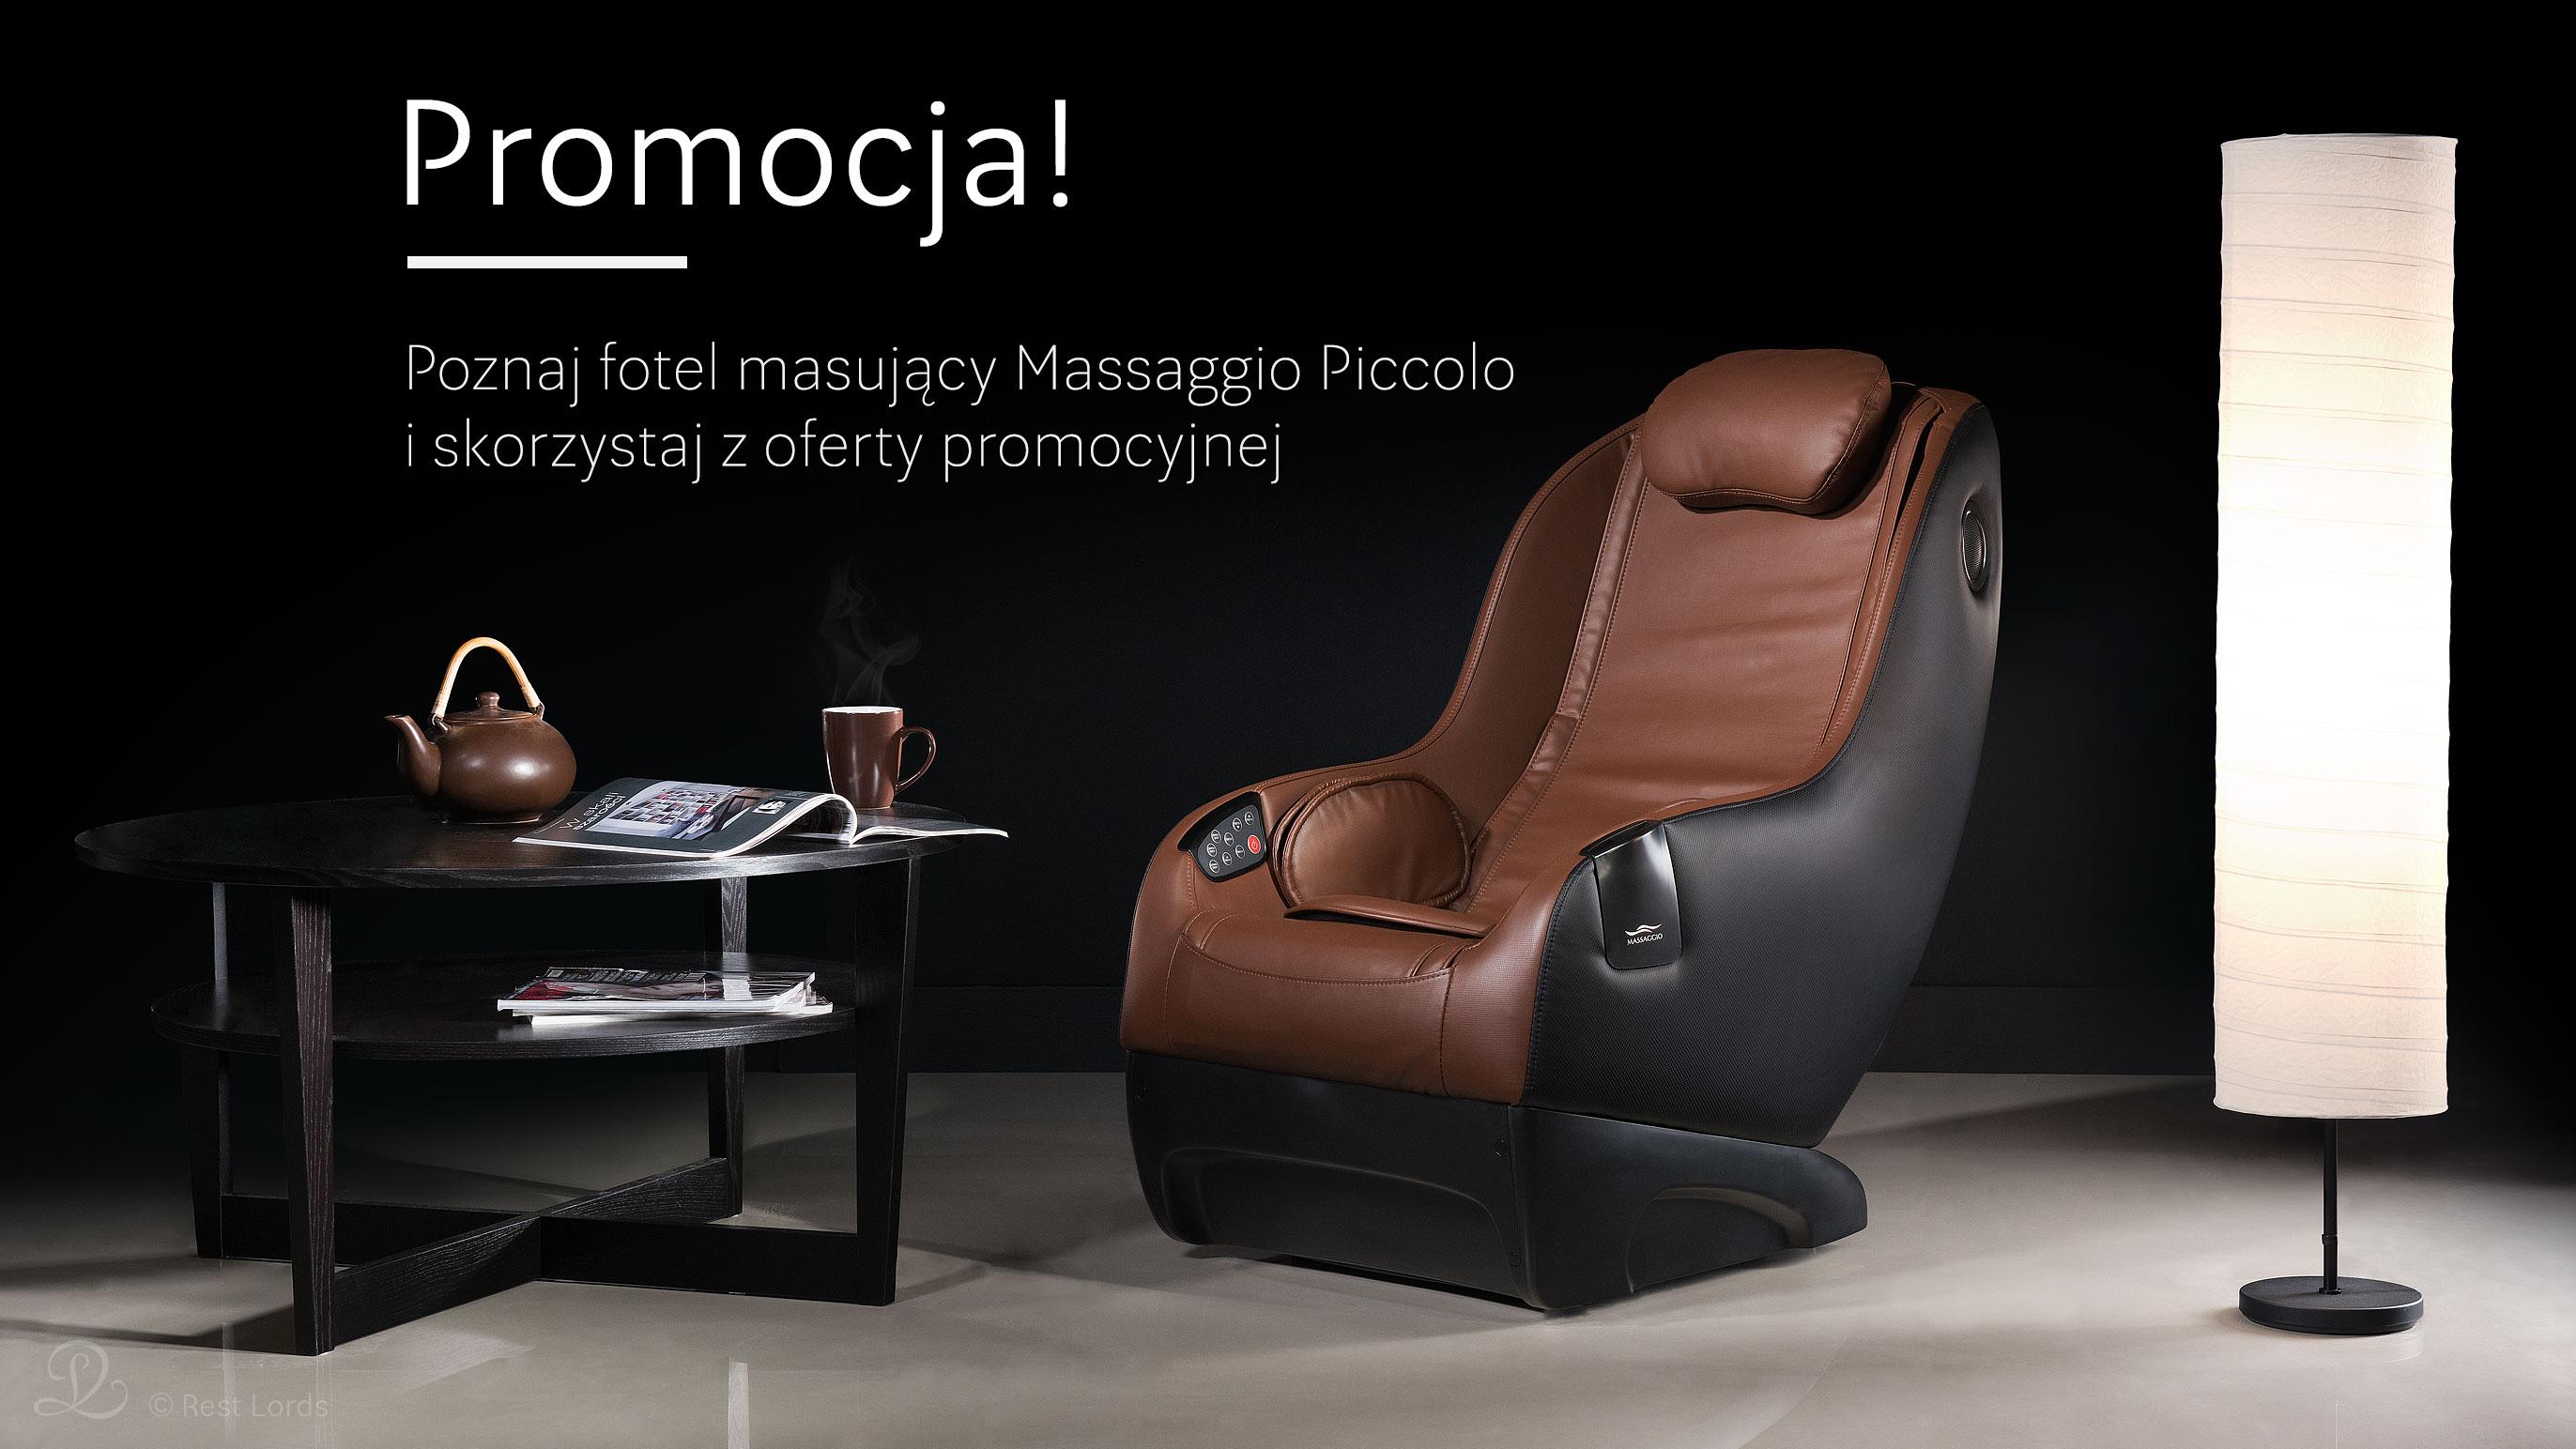 Fotel masujący Massaggio Piccolo promocja wyprzedaż